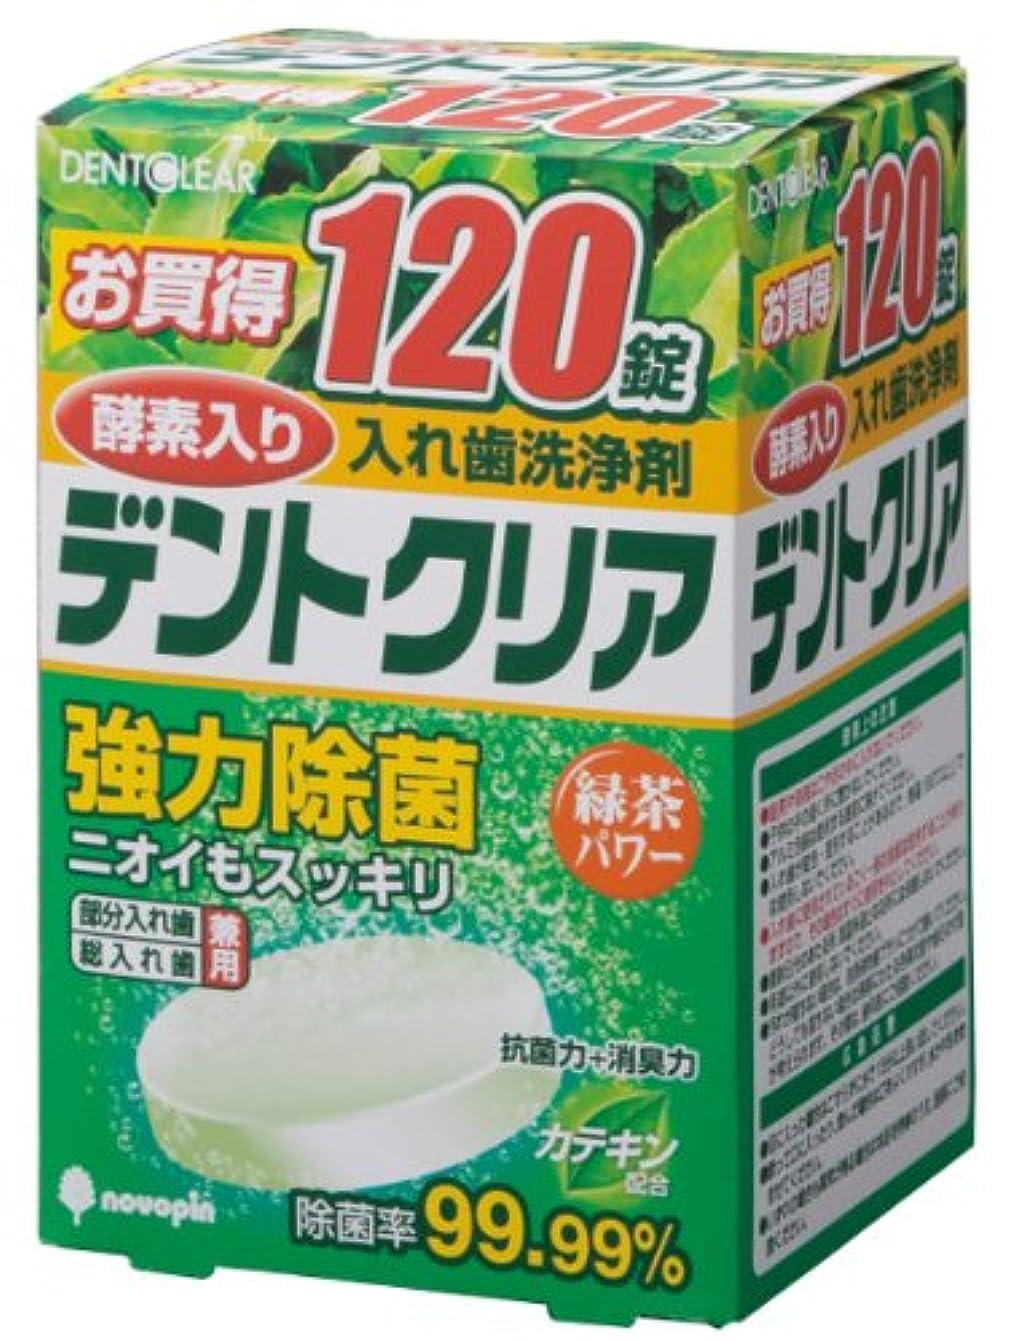 葉を拾う有益なロータリー紀陽除虫菊 入れ歯洗浄剤 (酵素入り) デントクリア 緑茶パワー (部分入れ歯 総入れ歯兼用) 120錠入